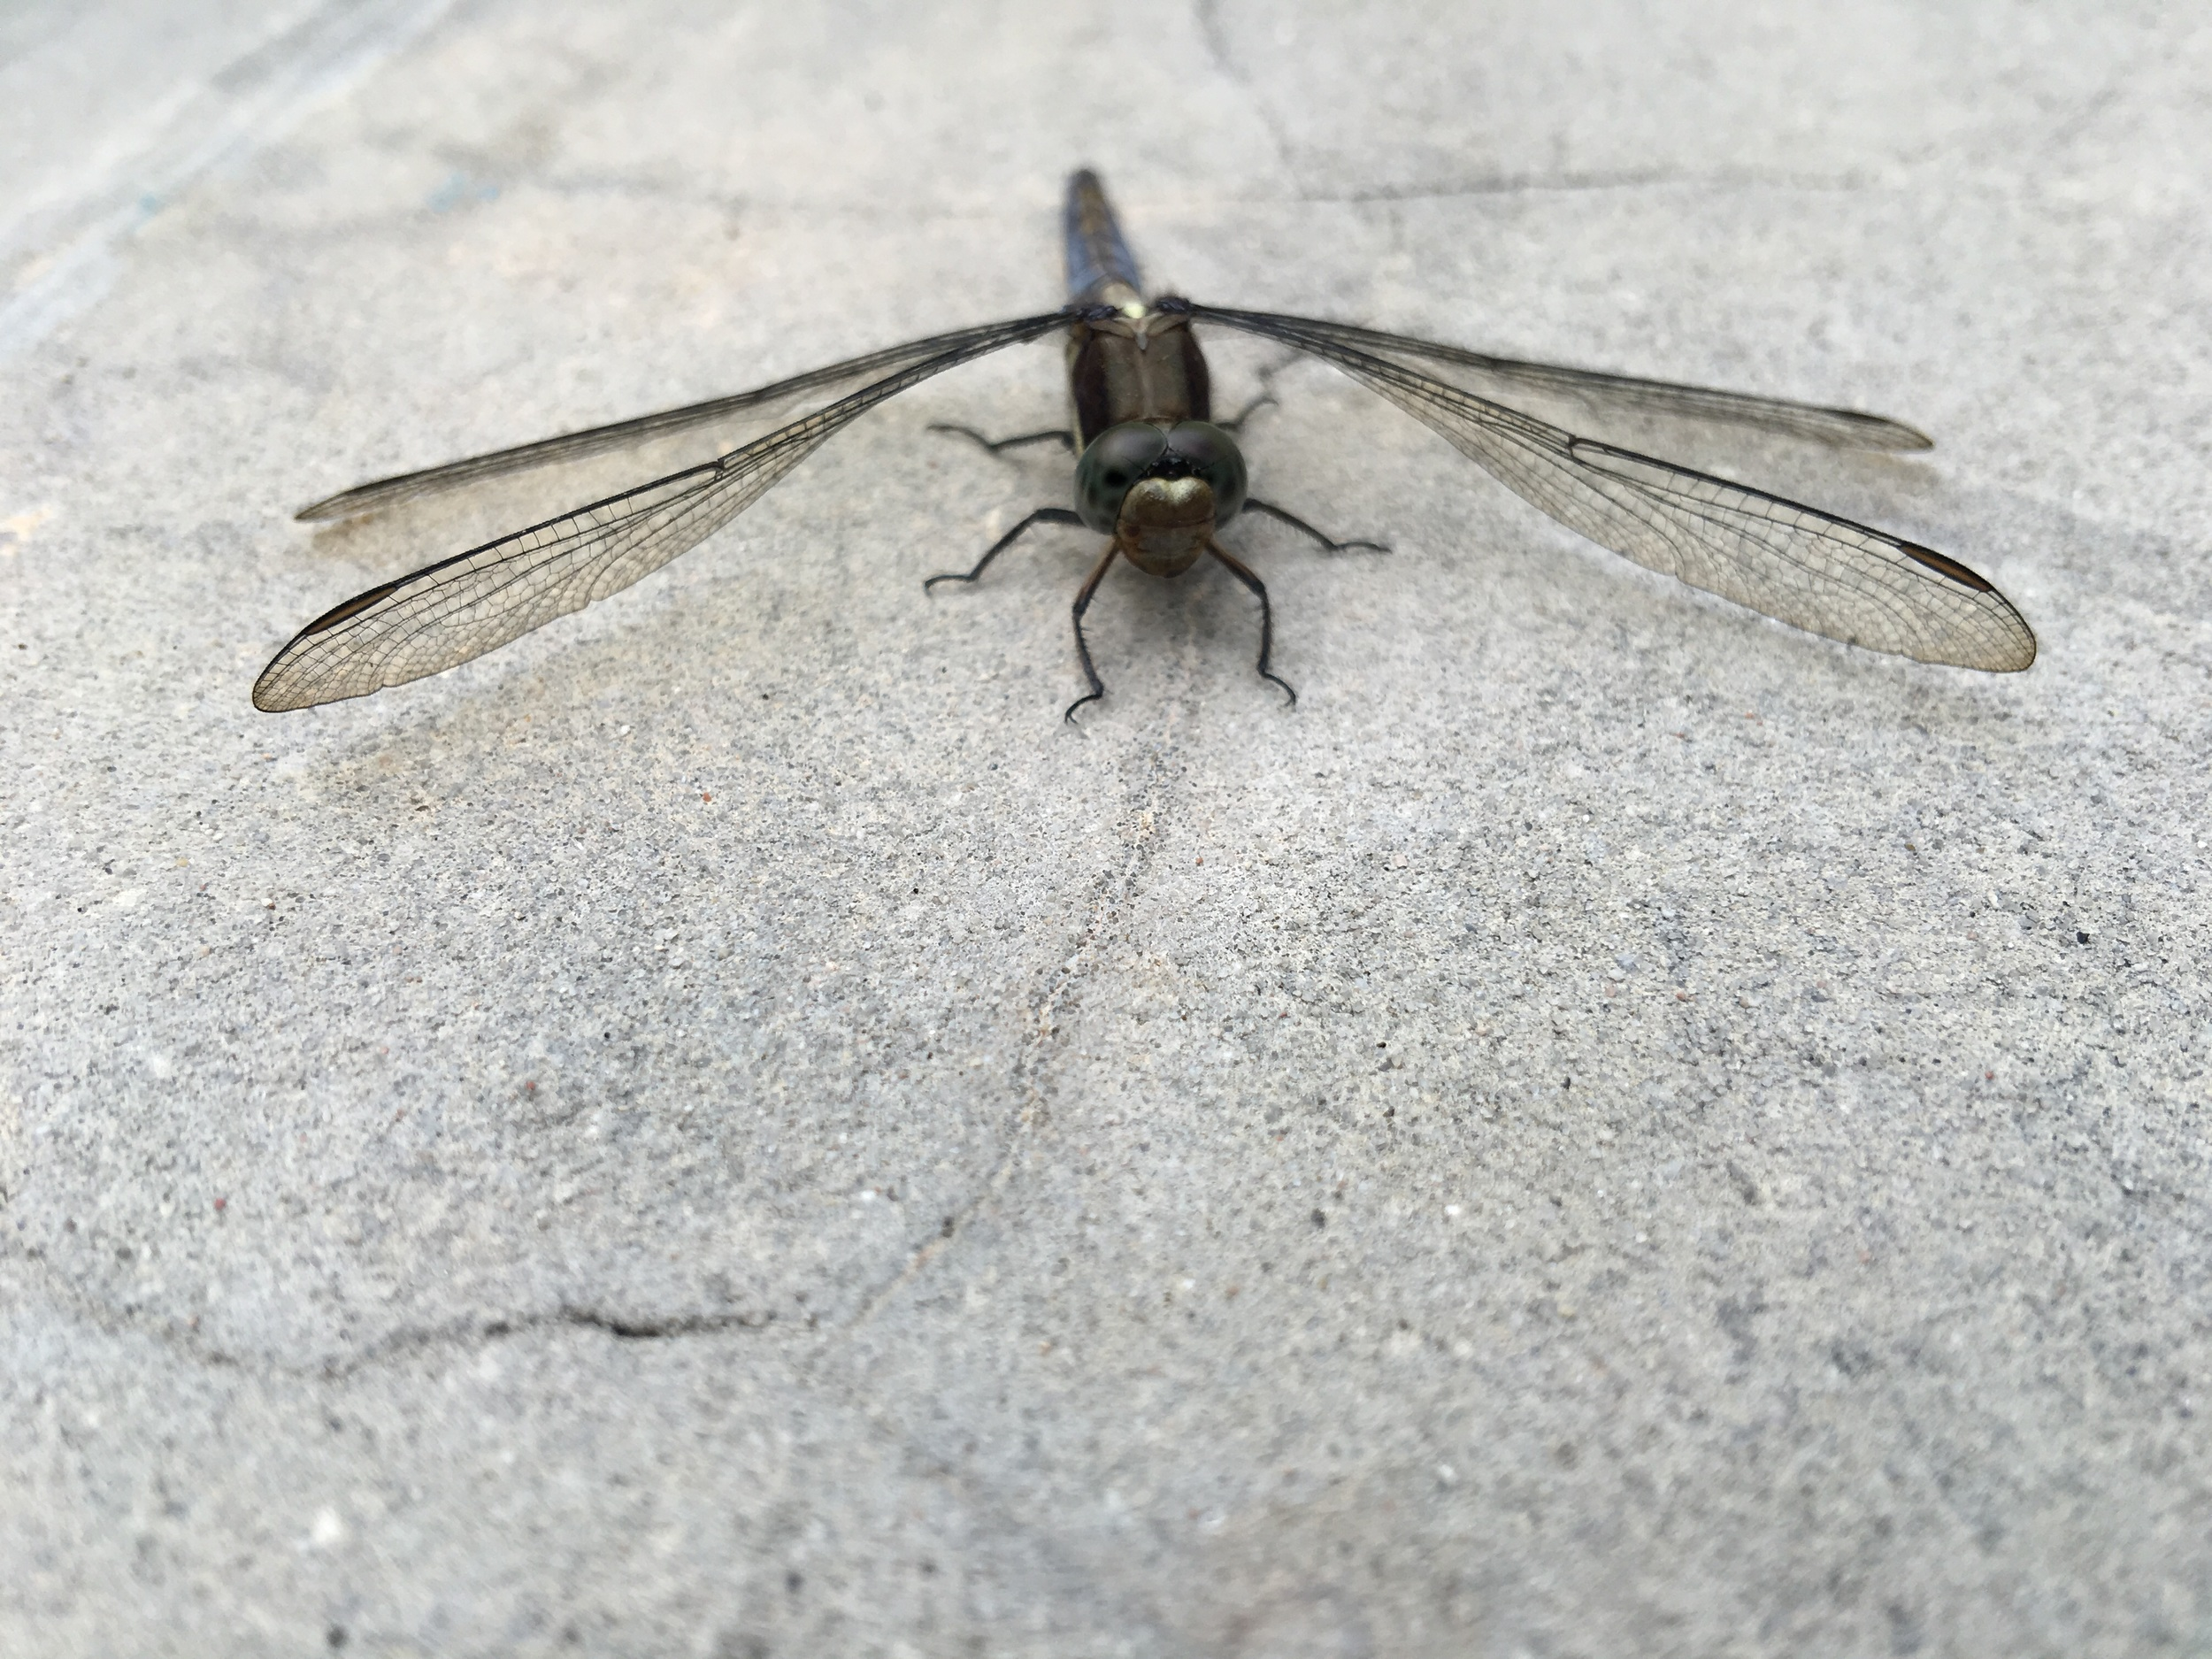 A Cute Dragonfly